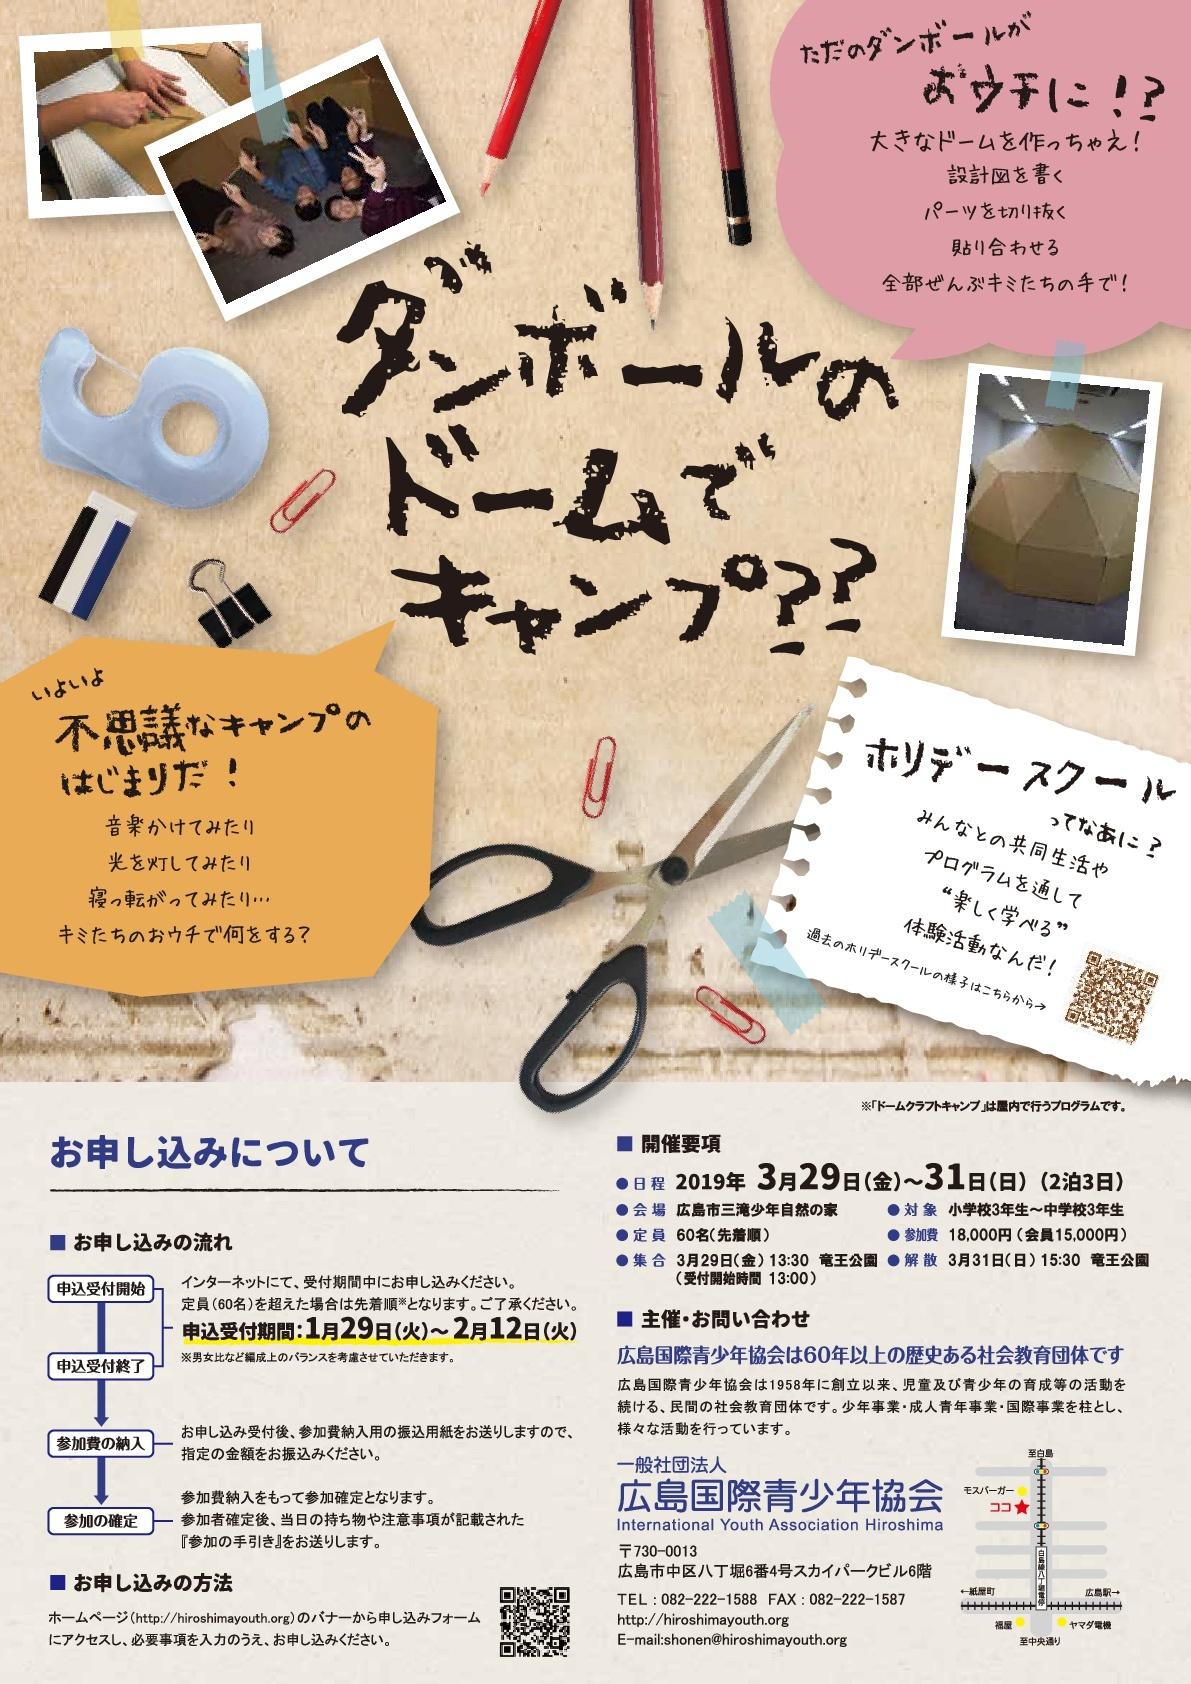 春のホリデースクール2019参加者募集パンフ(裏)-001.jpg